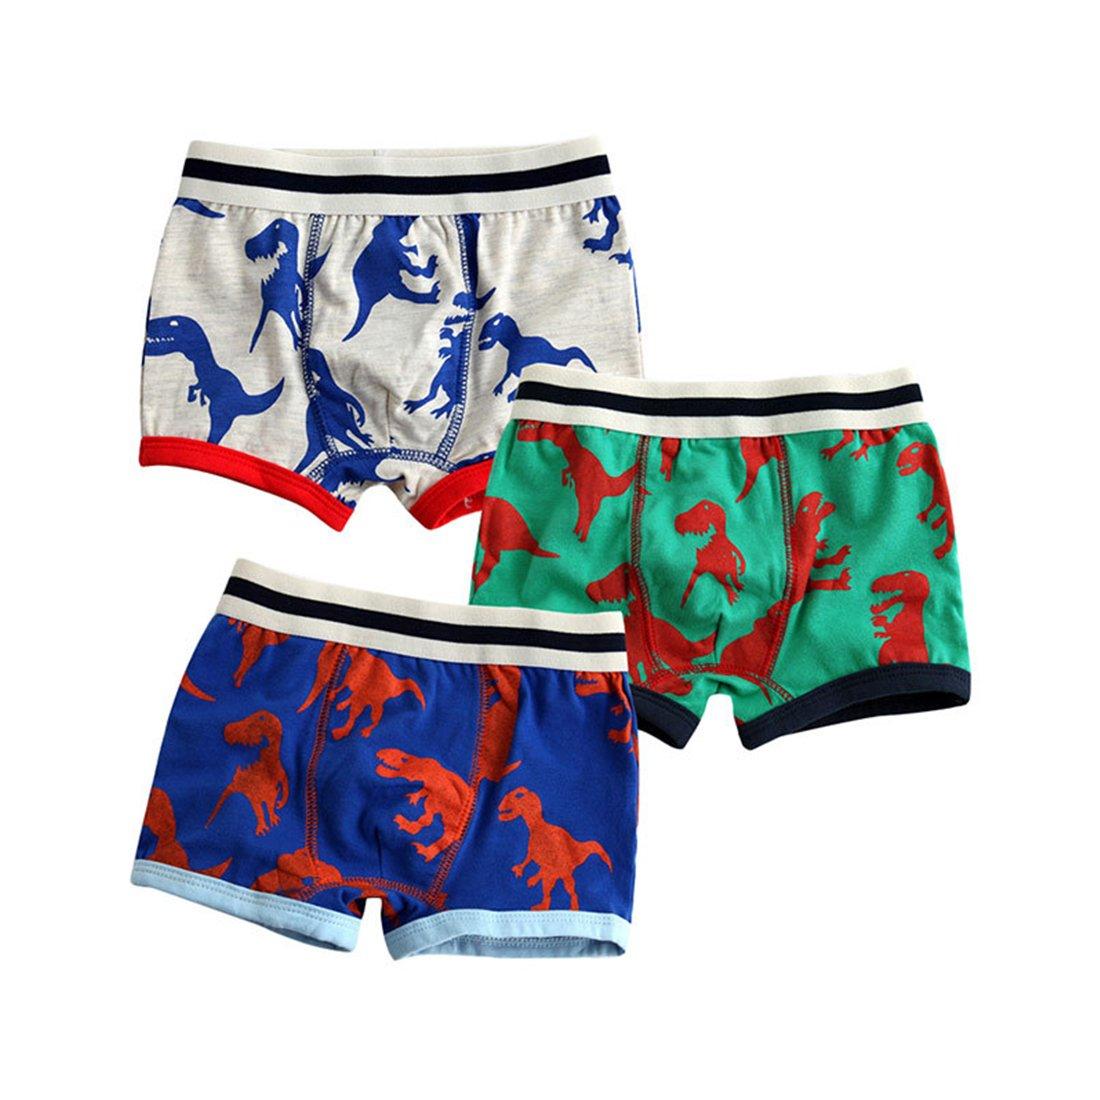 GWELL Jungen Baumwolle Unterhosen 3er Pack Boxershorts Set Cartoon Ganzjahr Dinosaurier Flugzeug Zug